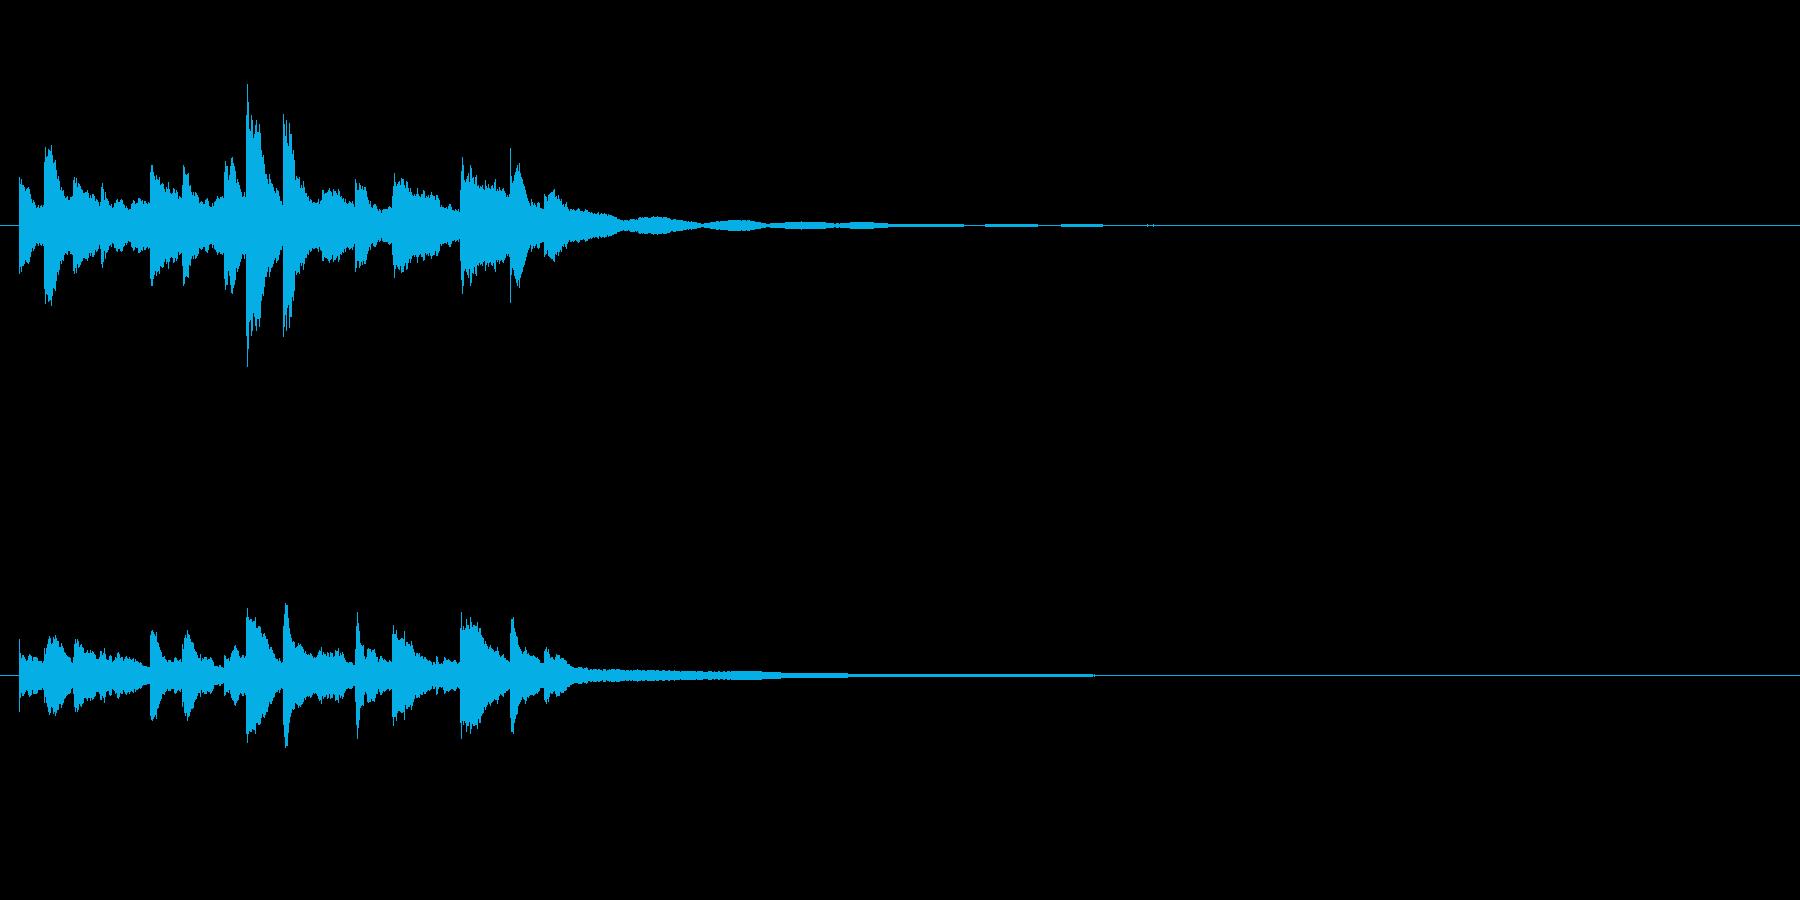 和製ベルの鈴(れい)の清らかな音+FXの再生済みの波形